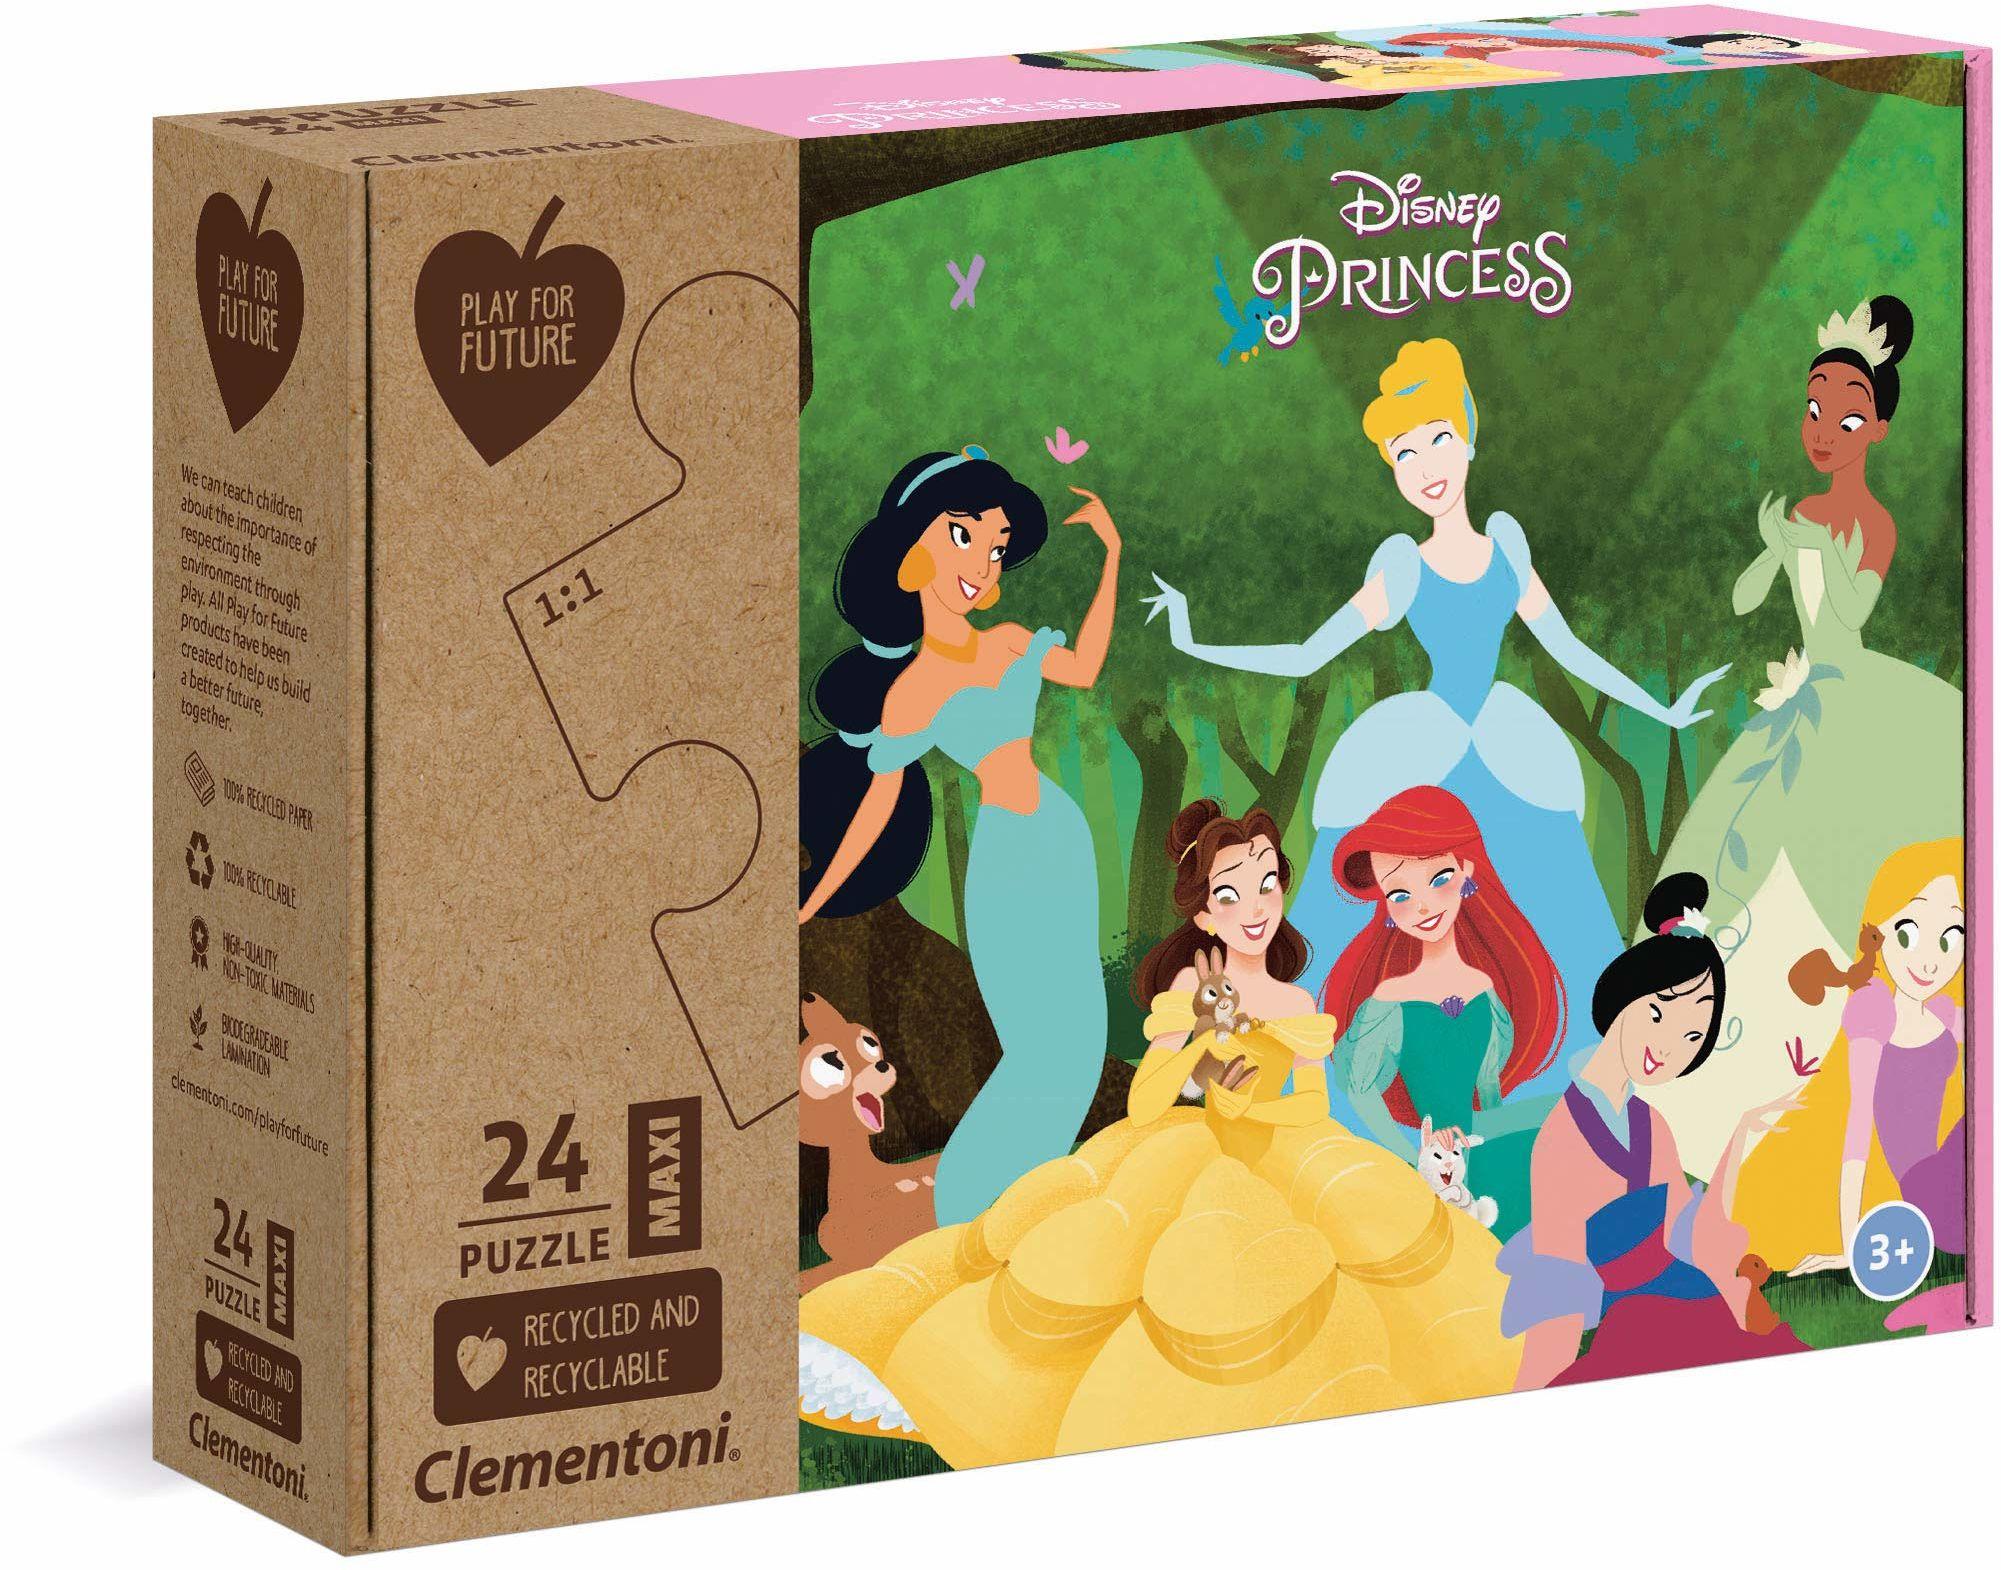 Clementoni 20257 Play for Future-Maxi Puzzle 24 części Supercolor-Princess, trwały produkt ze 100% materiałów pochodzących z recyklingu i nadających się do recyklingu, dla dzieci od 3 lat